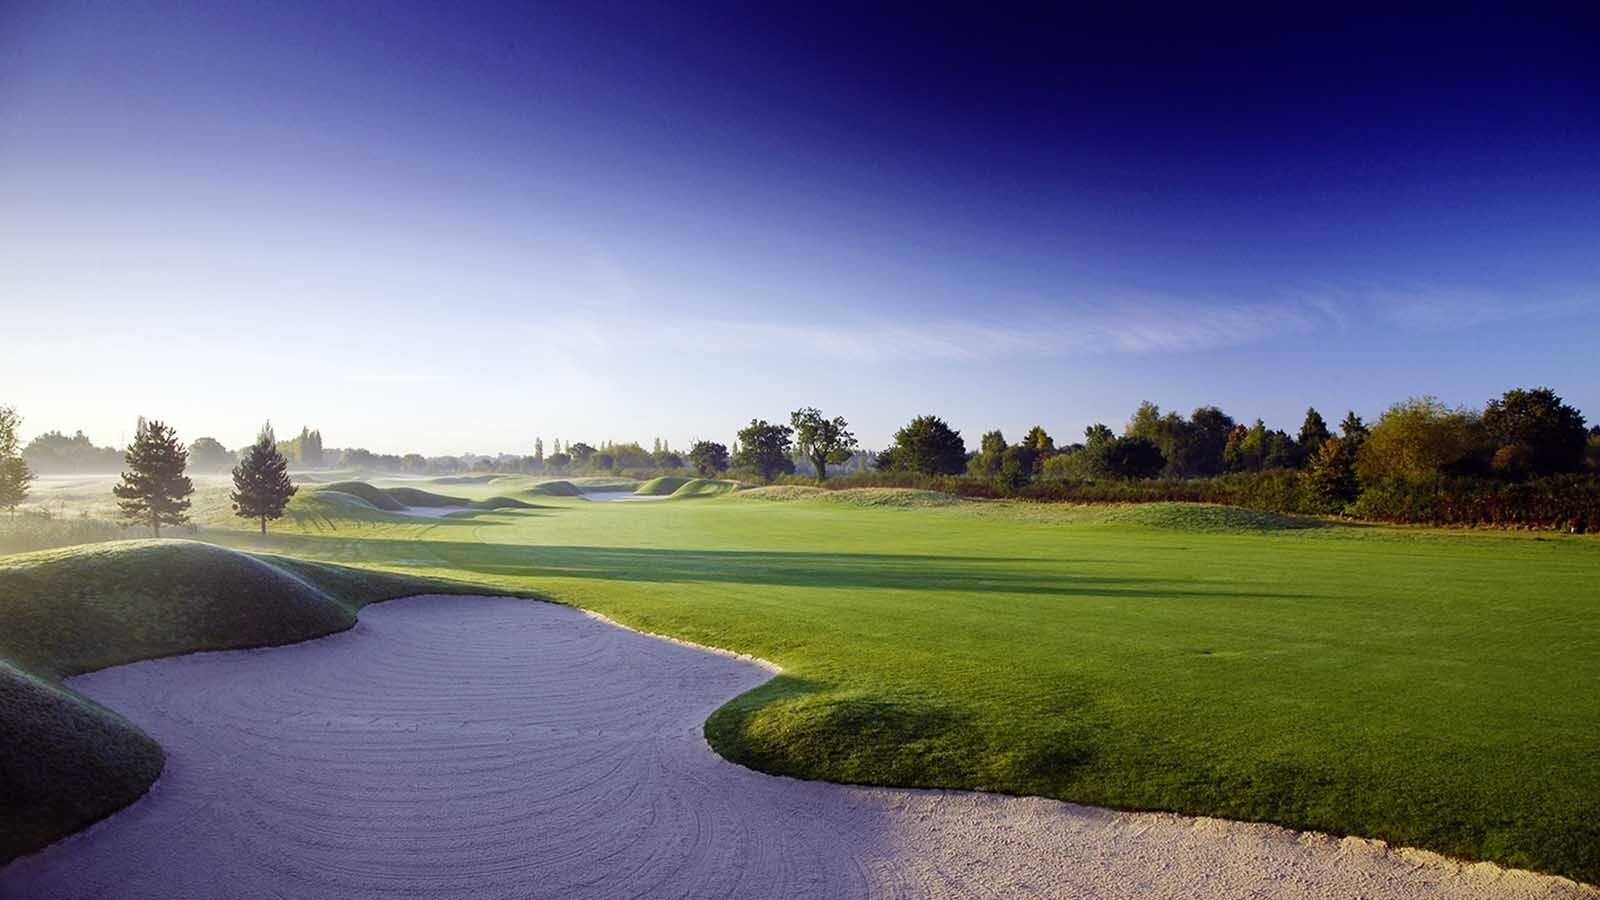 PGA National Course